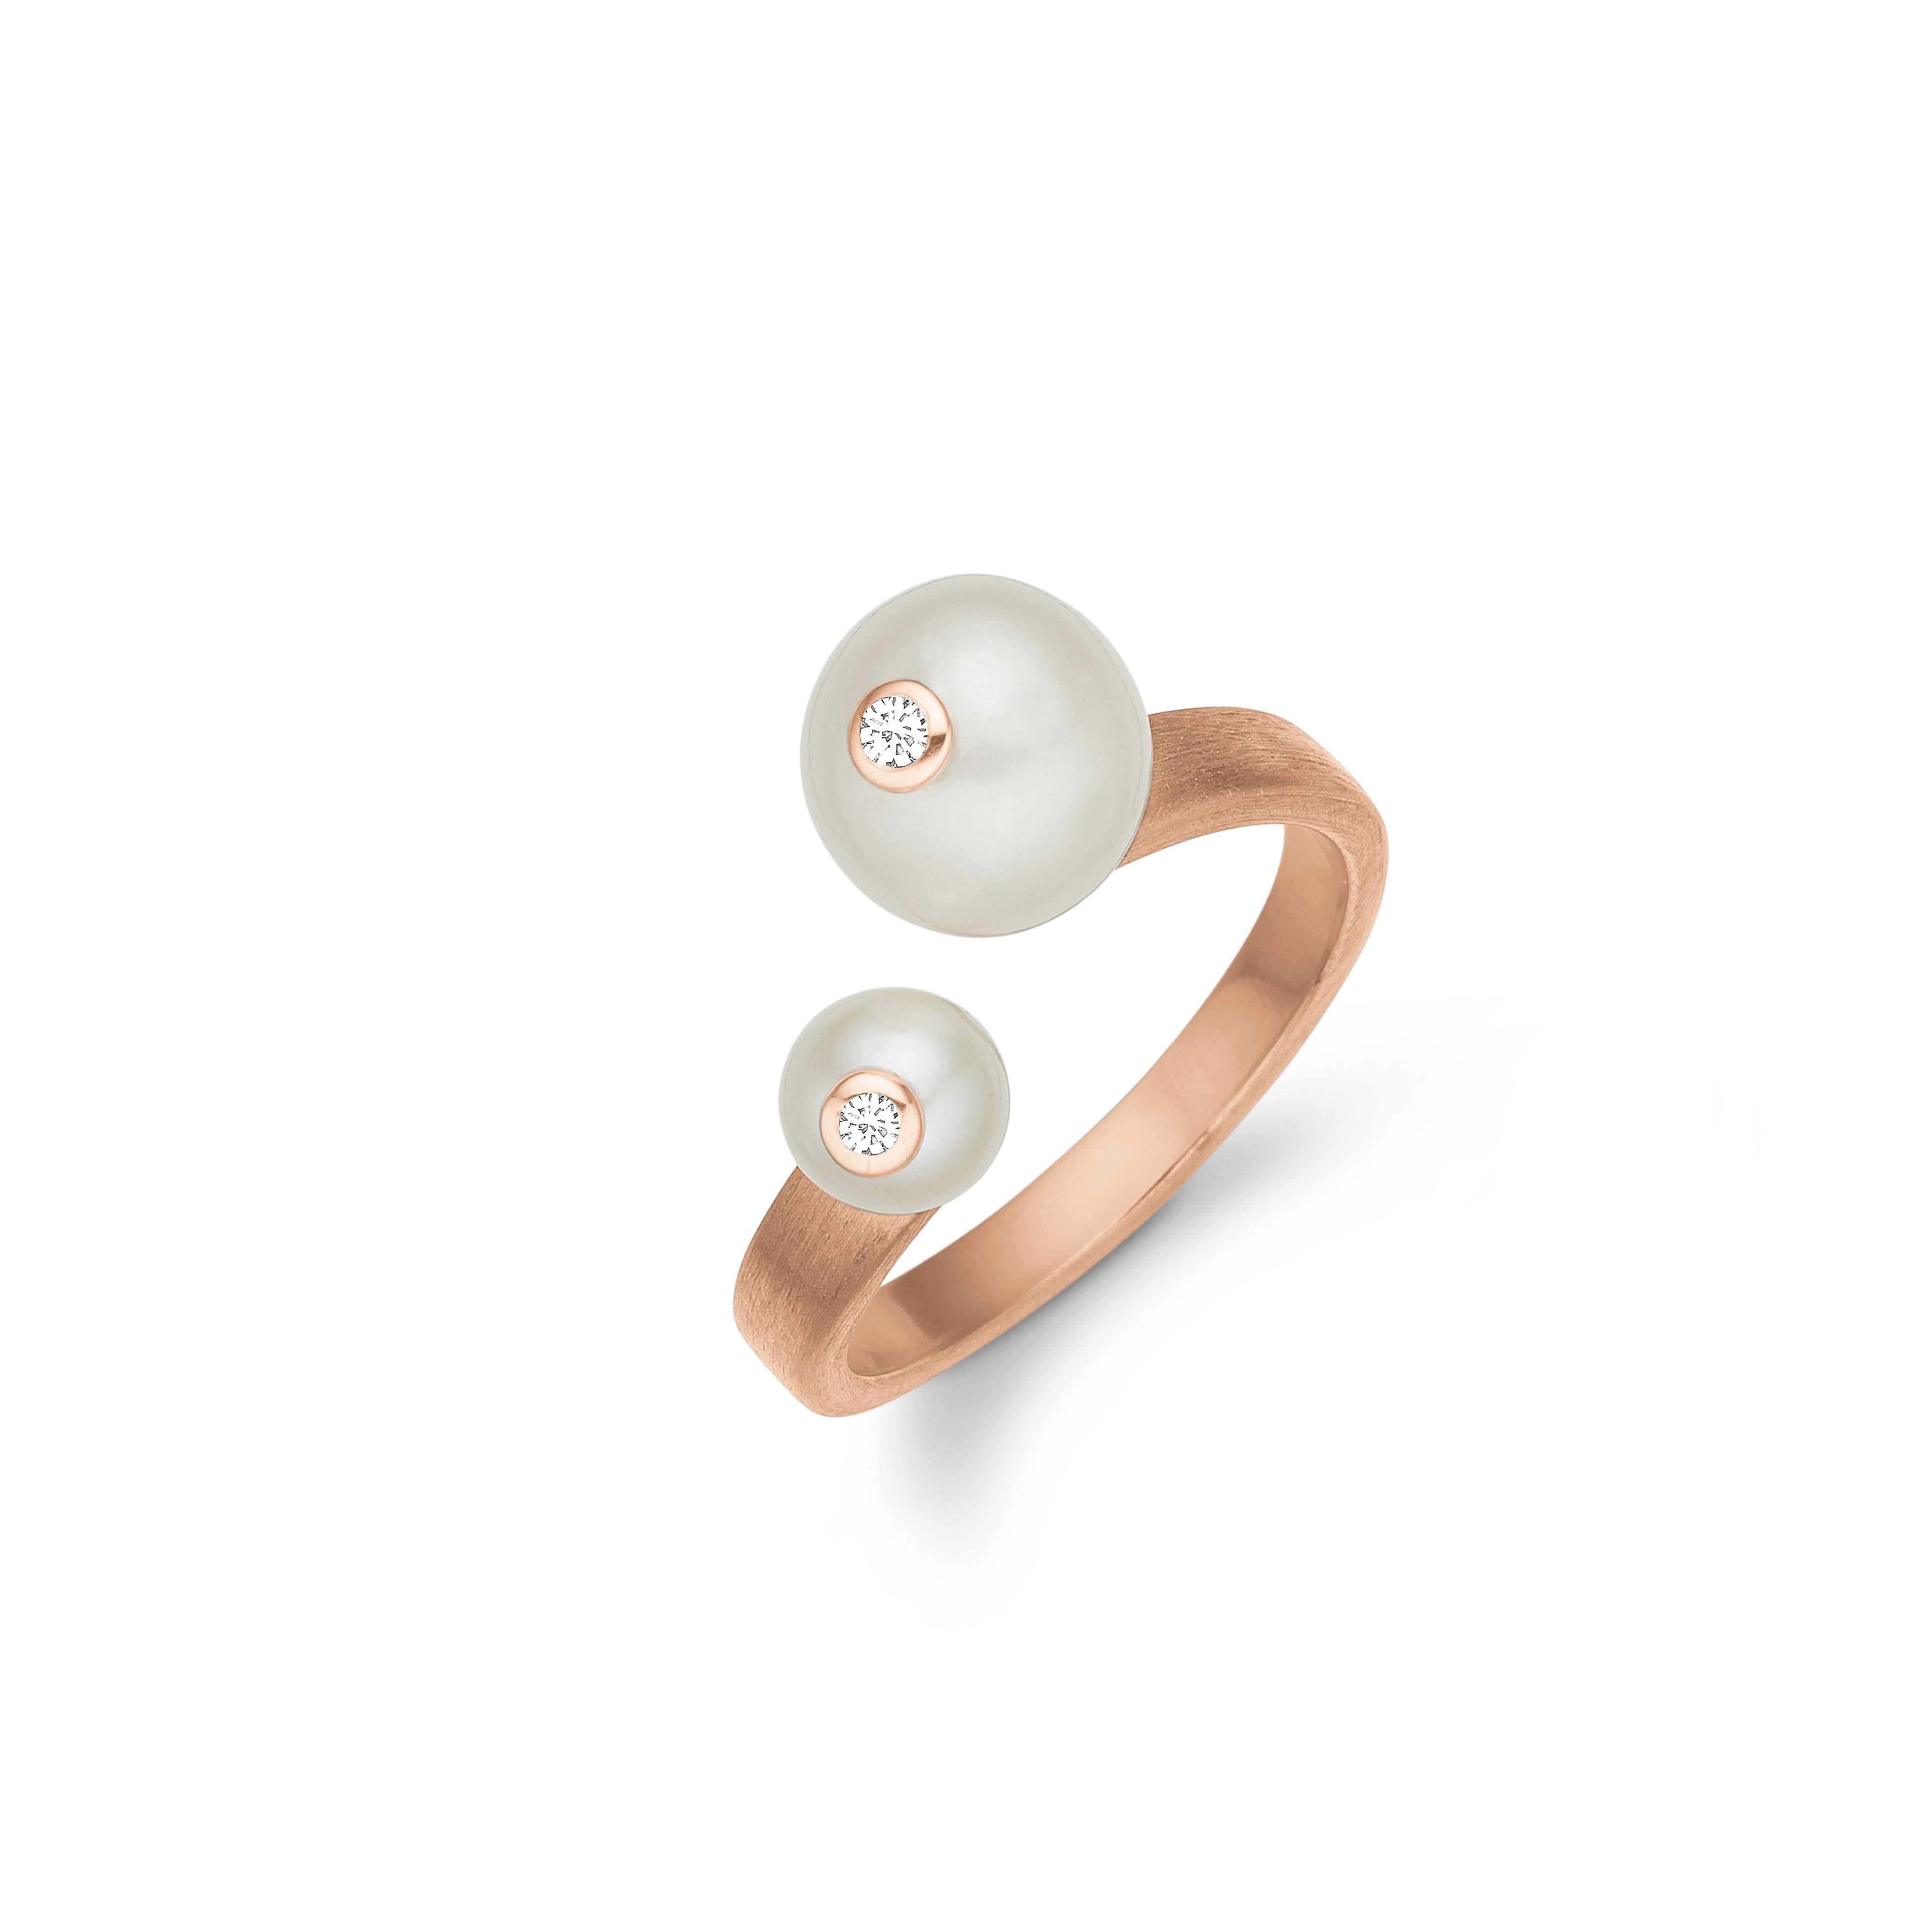 Aagaard Sølv ring - 03631925-31 Størrelse 52